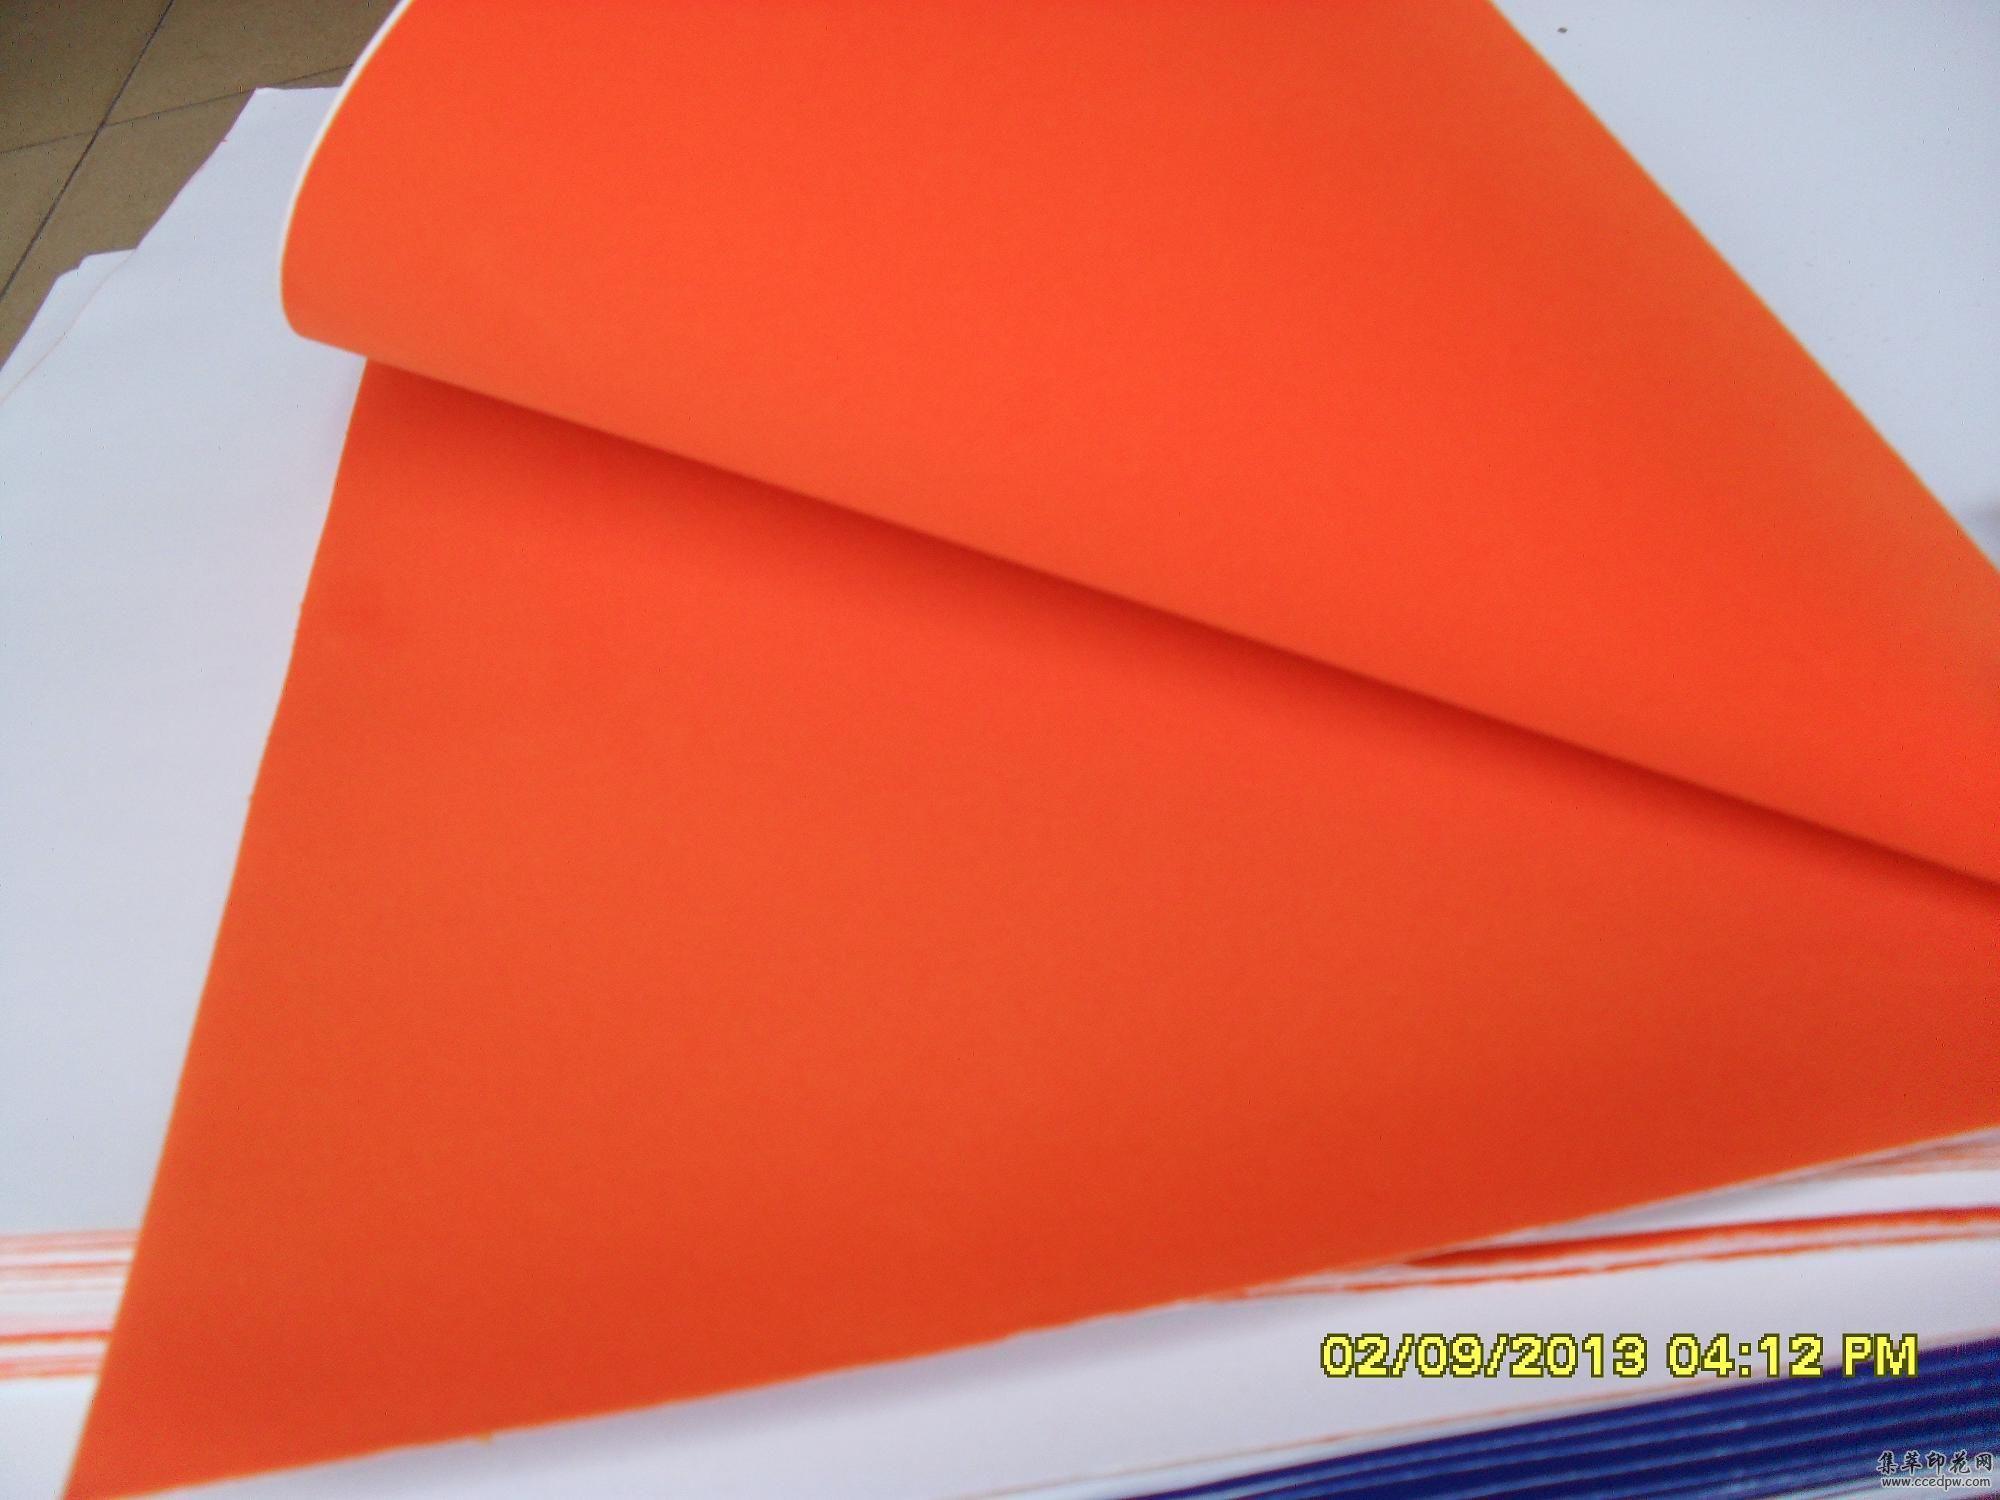 植绒纸,转印纸,环保贰发,转印绒毛纸,转印绒纸,印花烫画纸